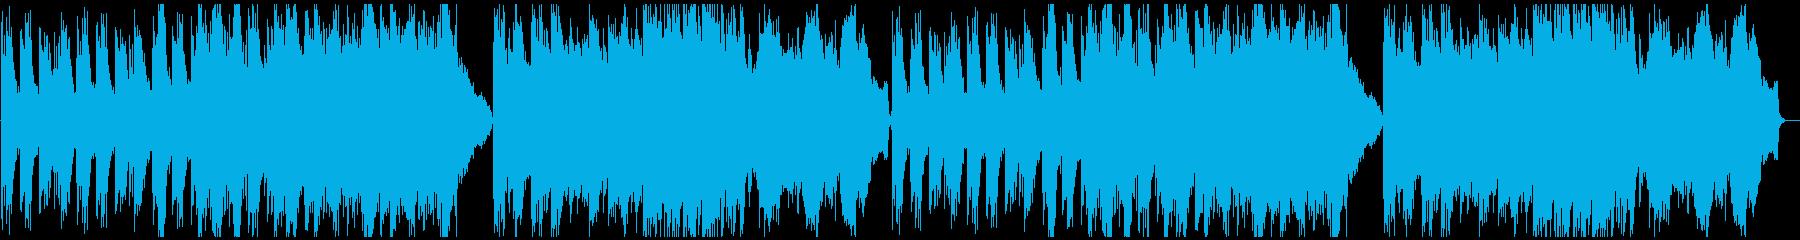 静謐な和風曲の再生済みの波形